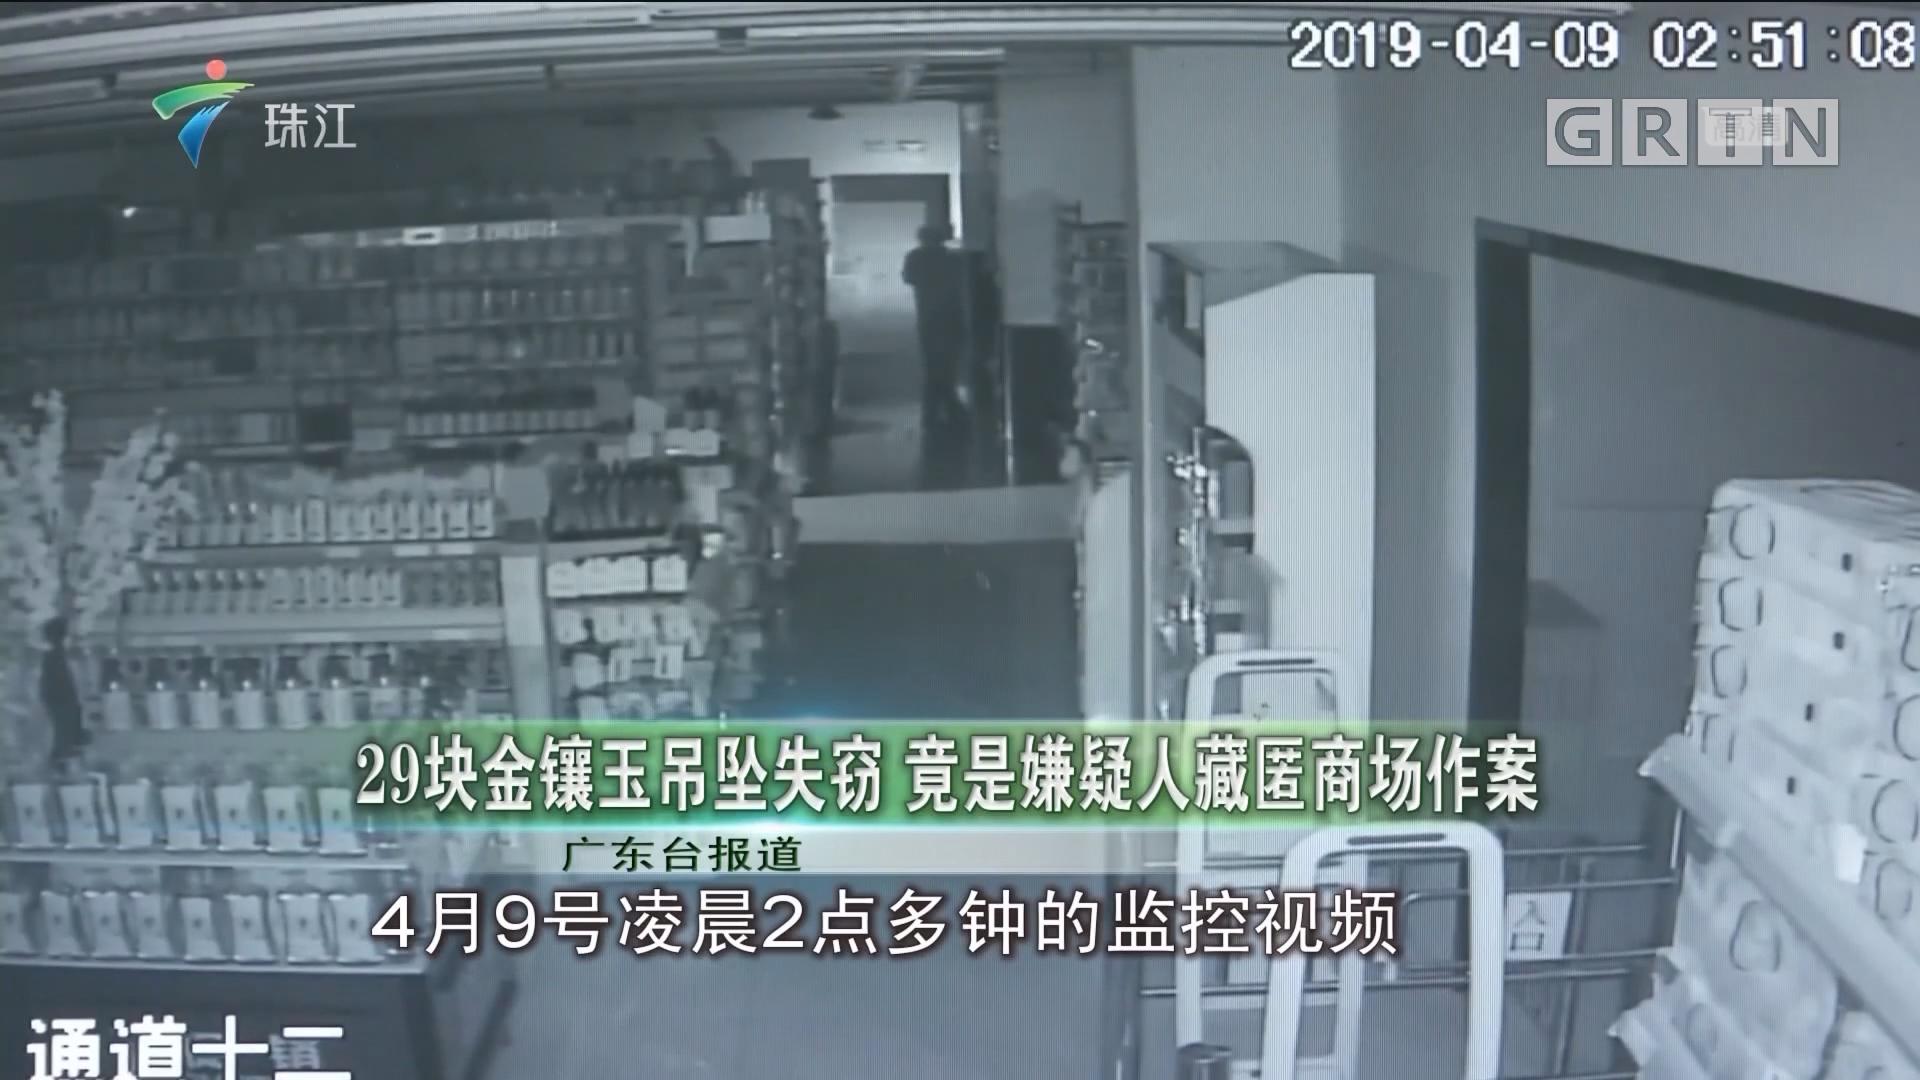 29块金镶玉吊坠失窃 竟是嫌疑人藏匿商场作案